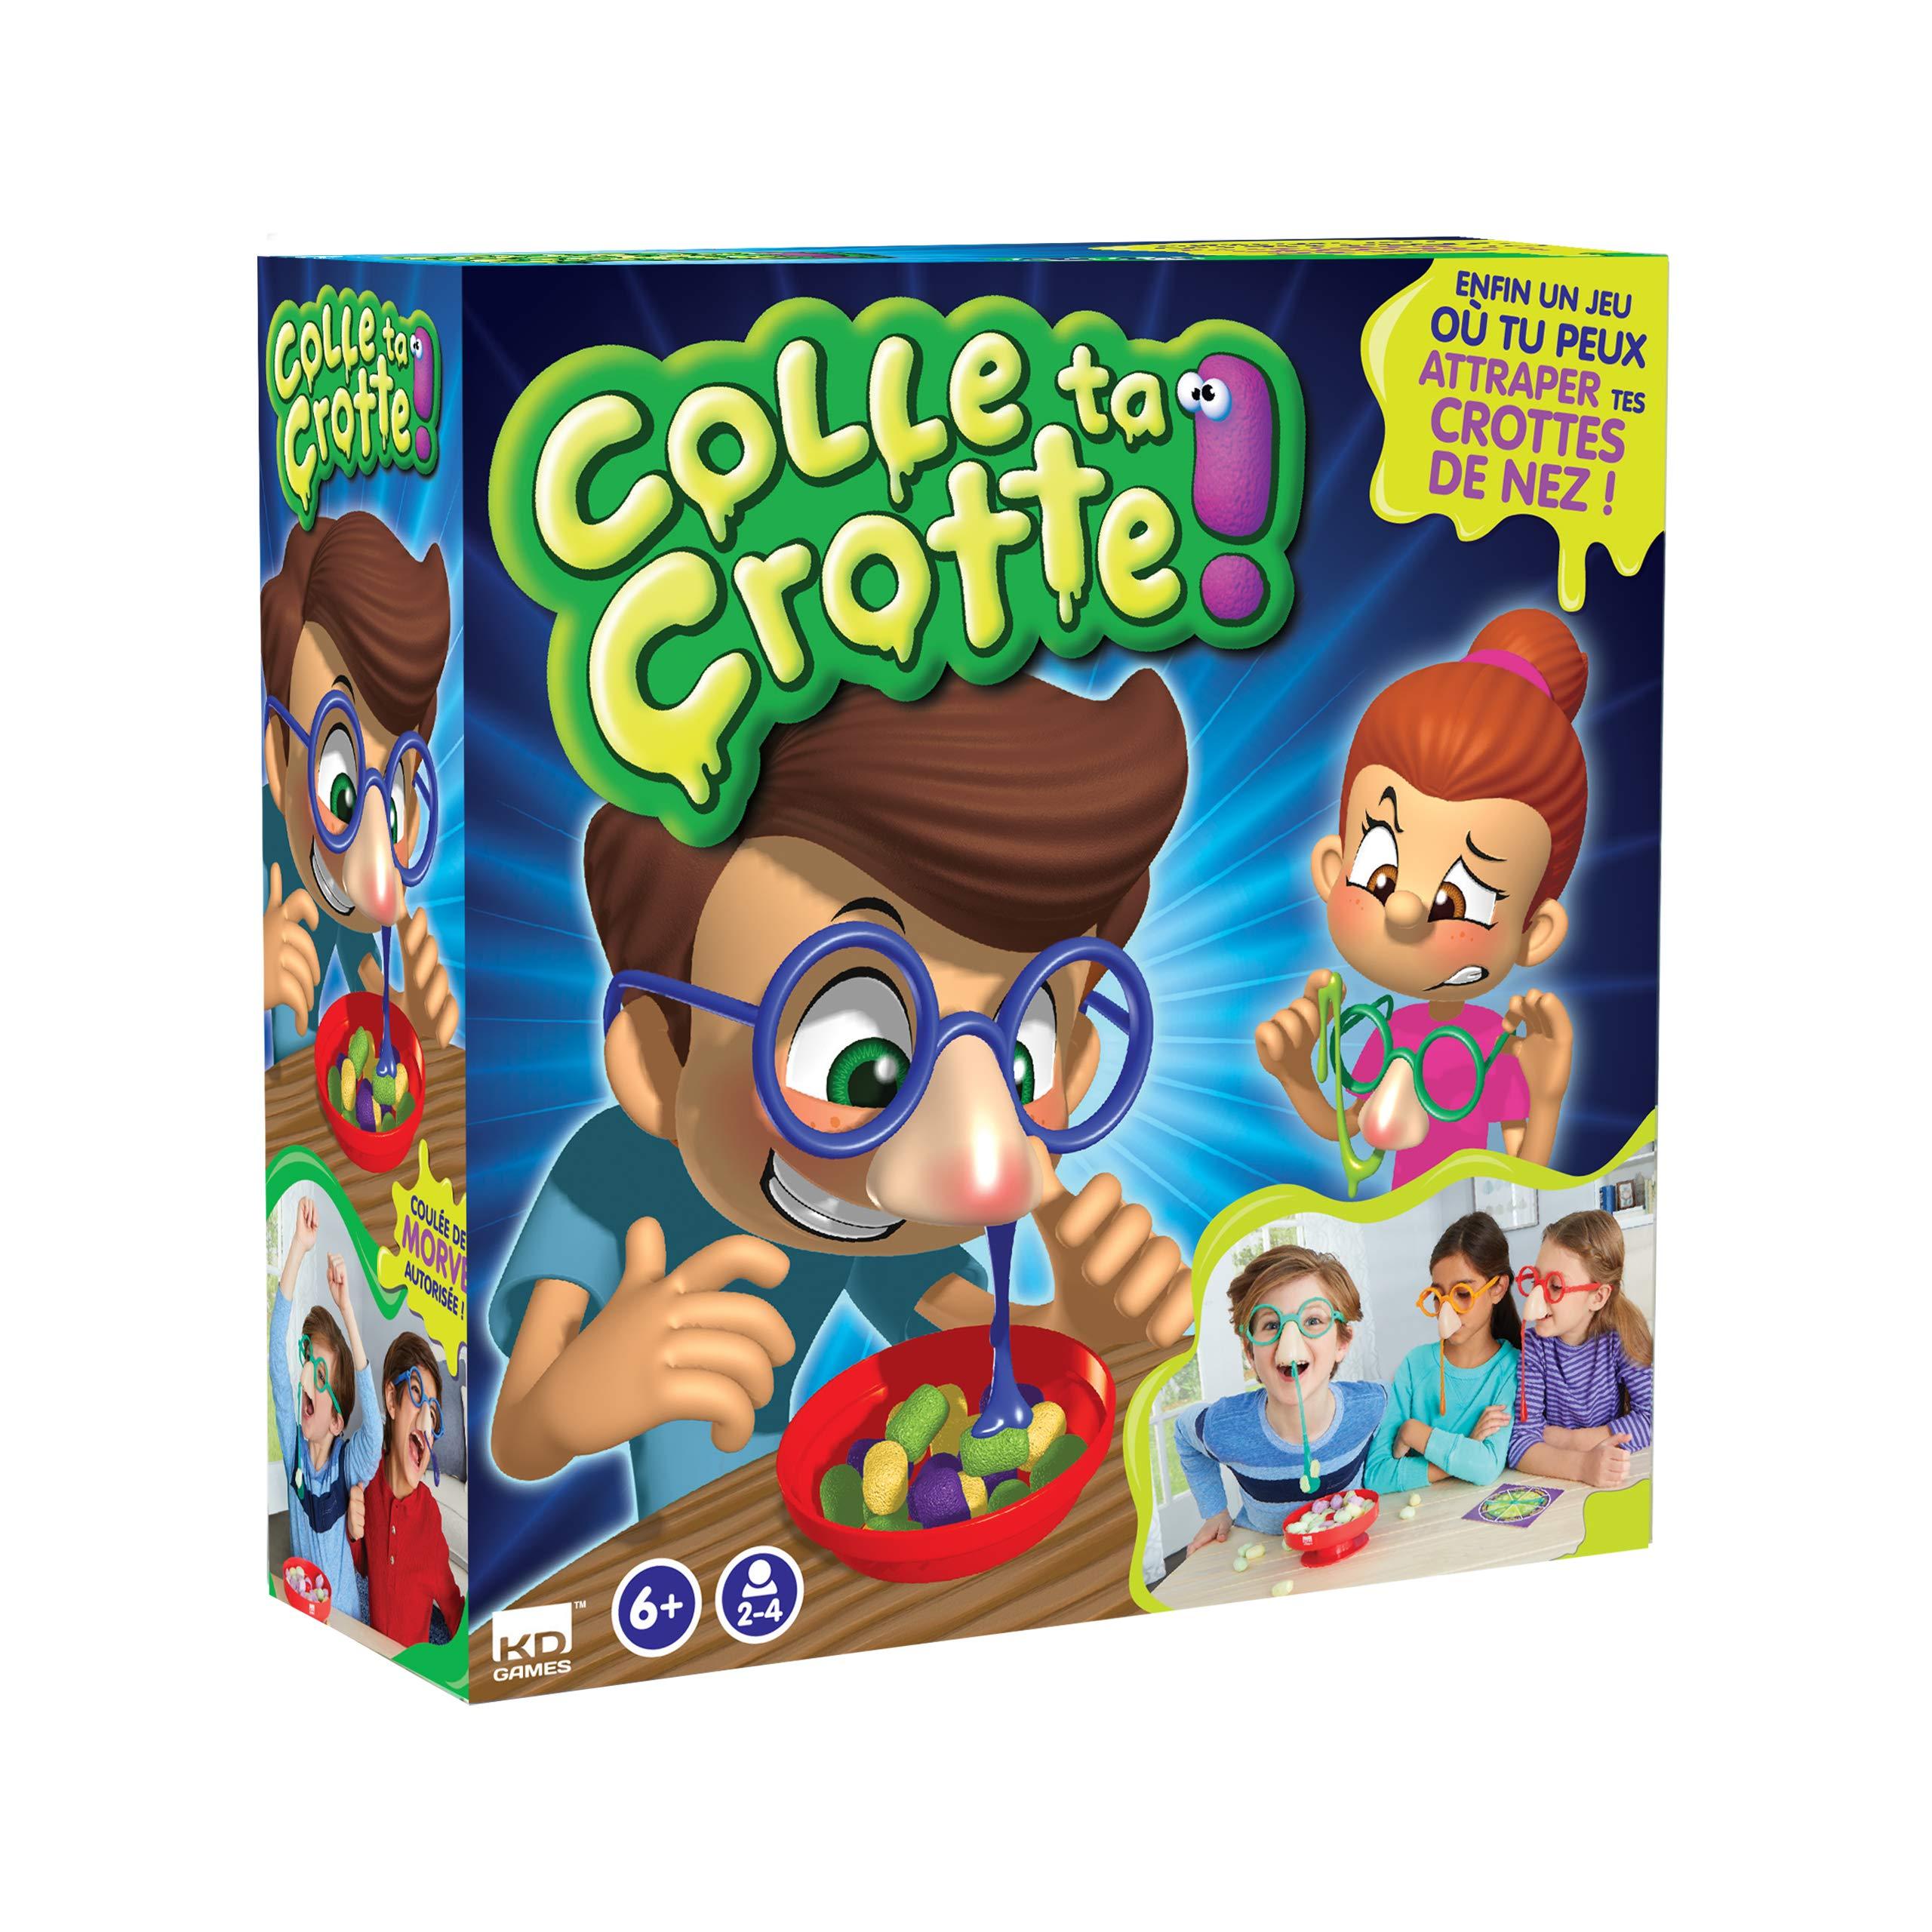 kd games S18610 Glue, Multi-Colour